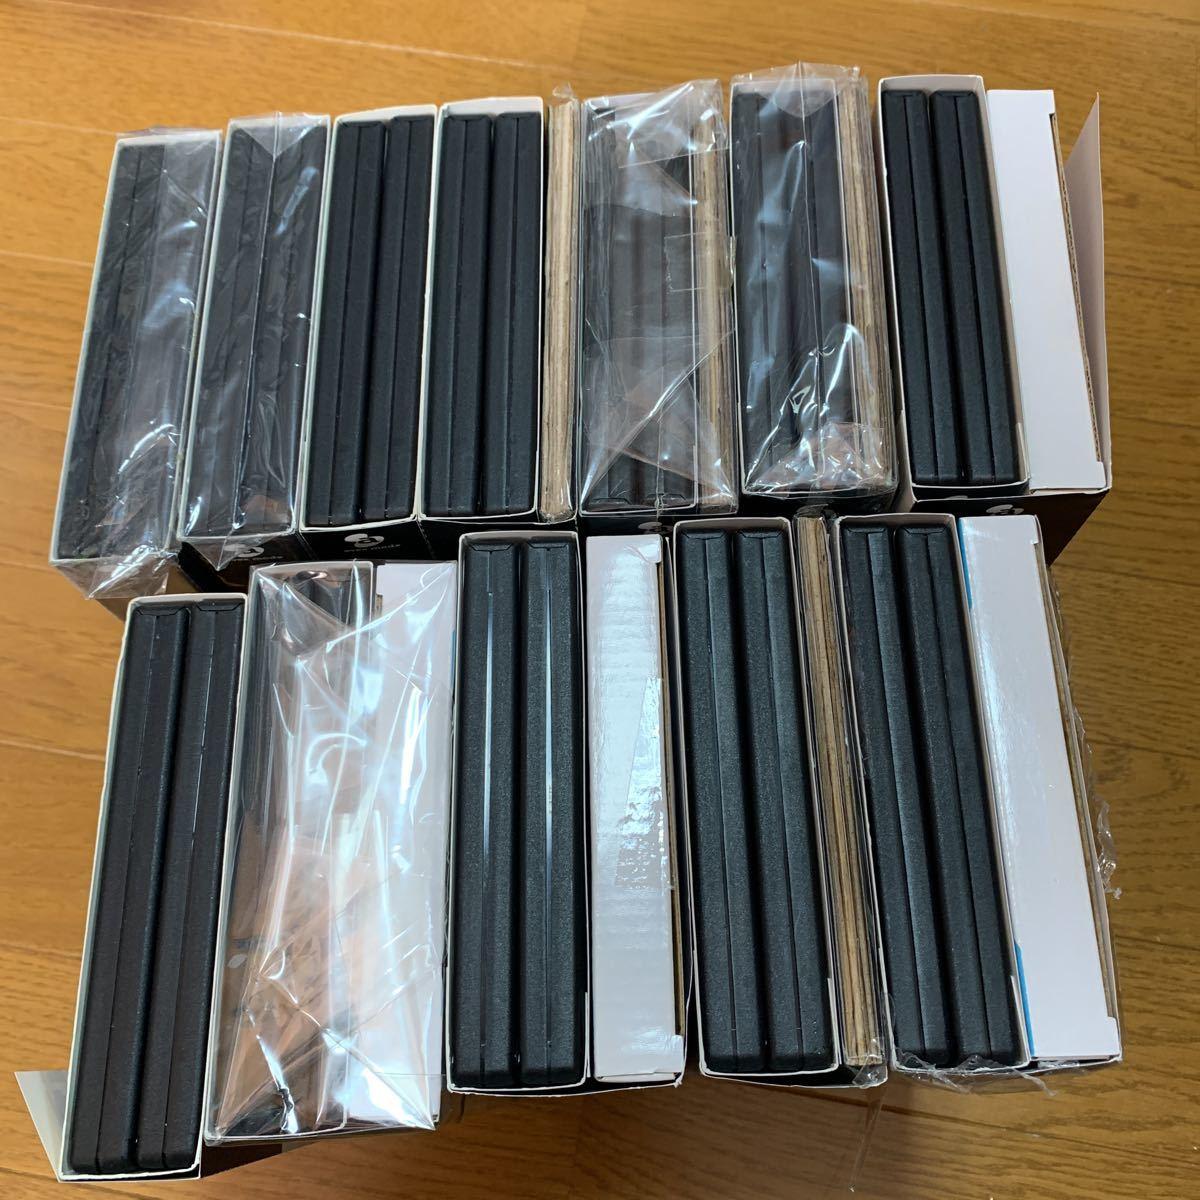 美品 ONE PIECE Log Collection ワンピース ログコレクション DVD BOX 12BOX 24本48枚セット 全巻 帯&初回特典付き 尾田栄一郎 第1話から_画像3